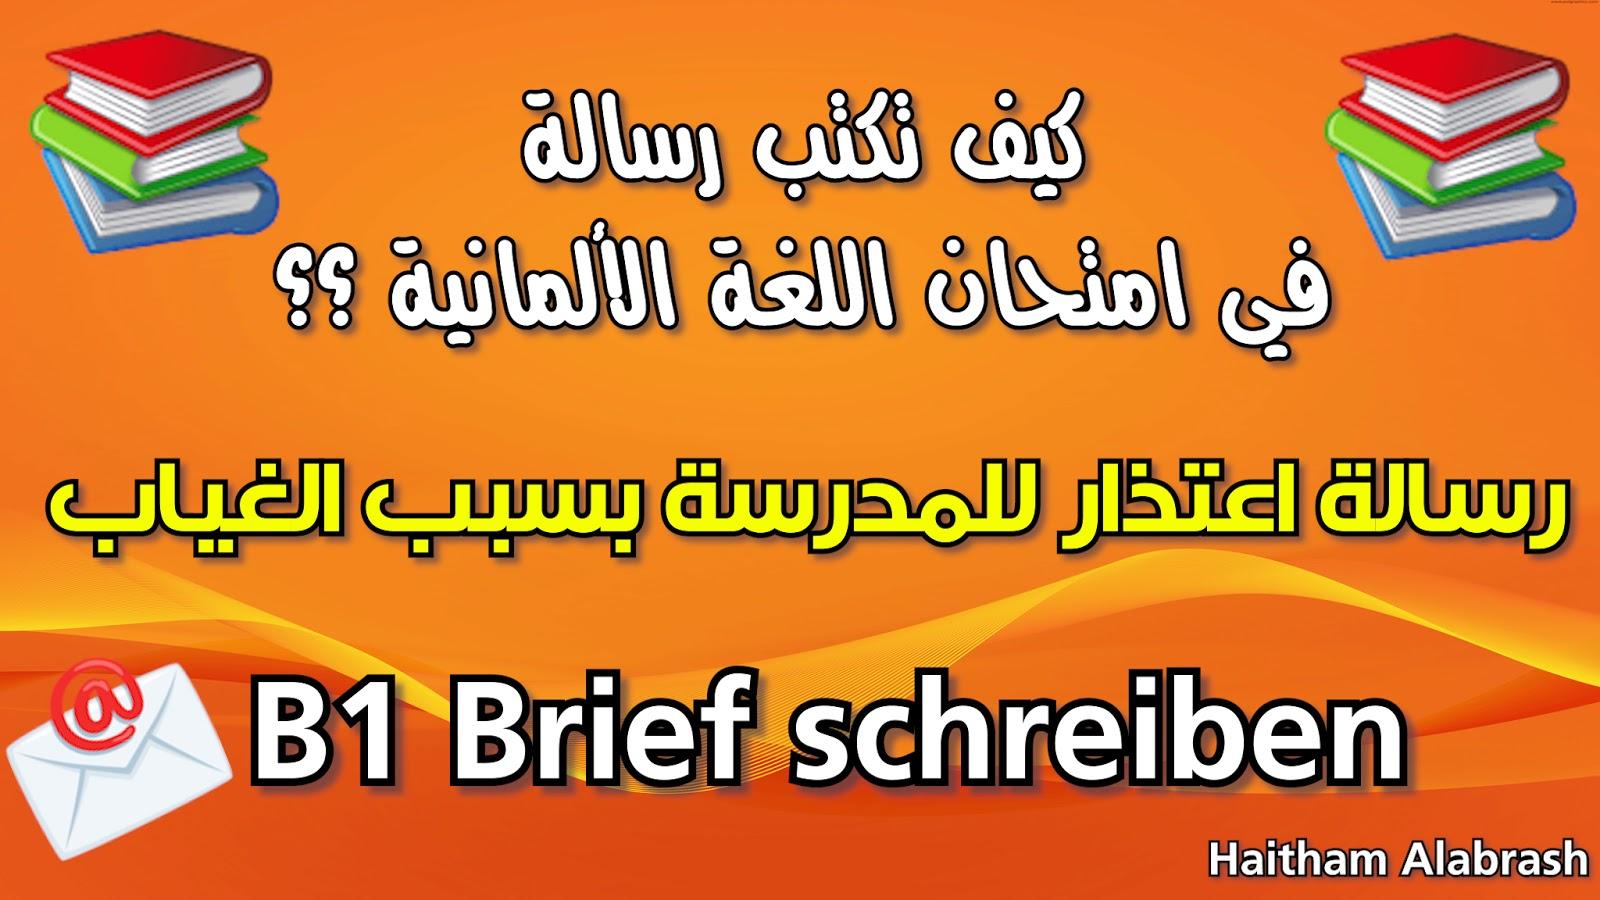 كتابة رسالة B1 في اللغة الالمانية اعتذار للمدرسة